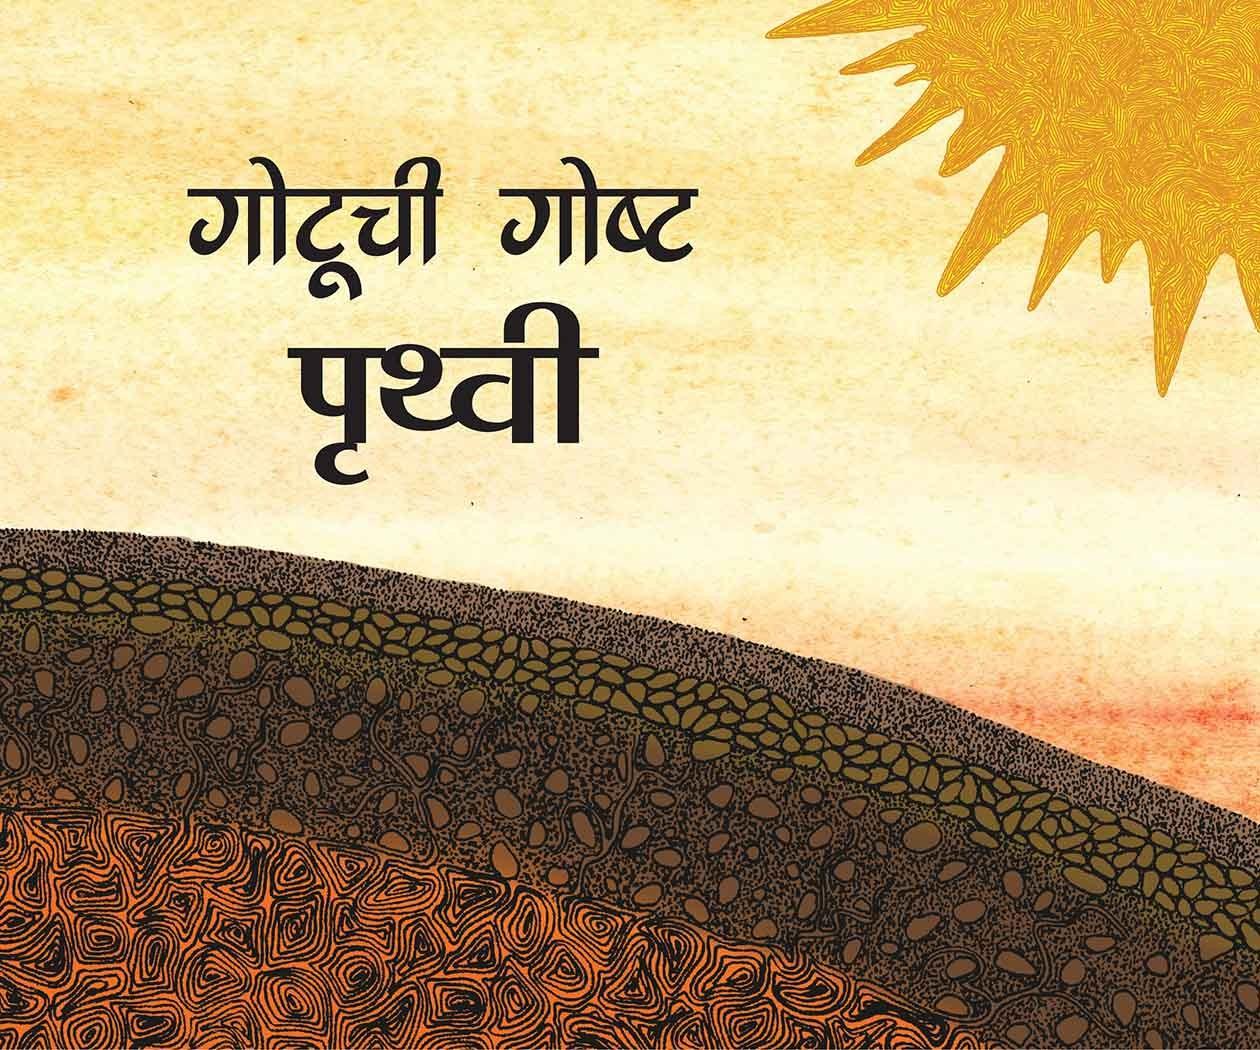 Gitti's Story-Earth/Gotuchi Gosht-Prithvi (Marathi)